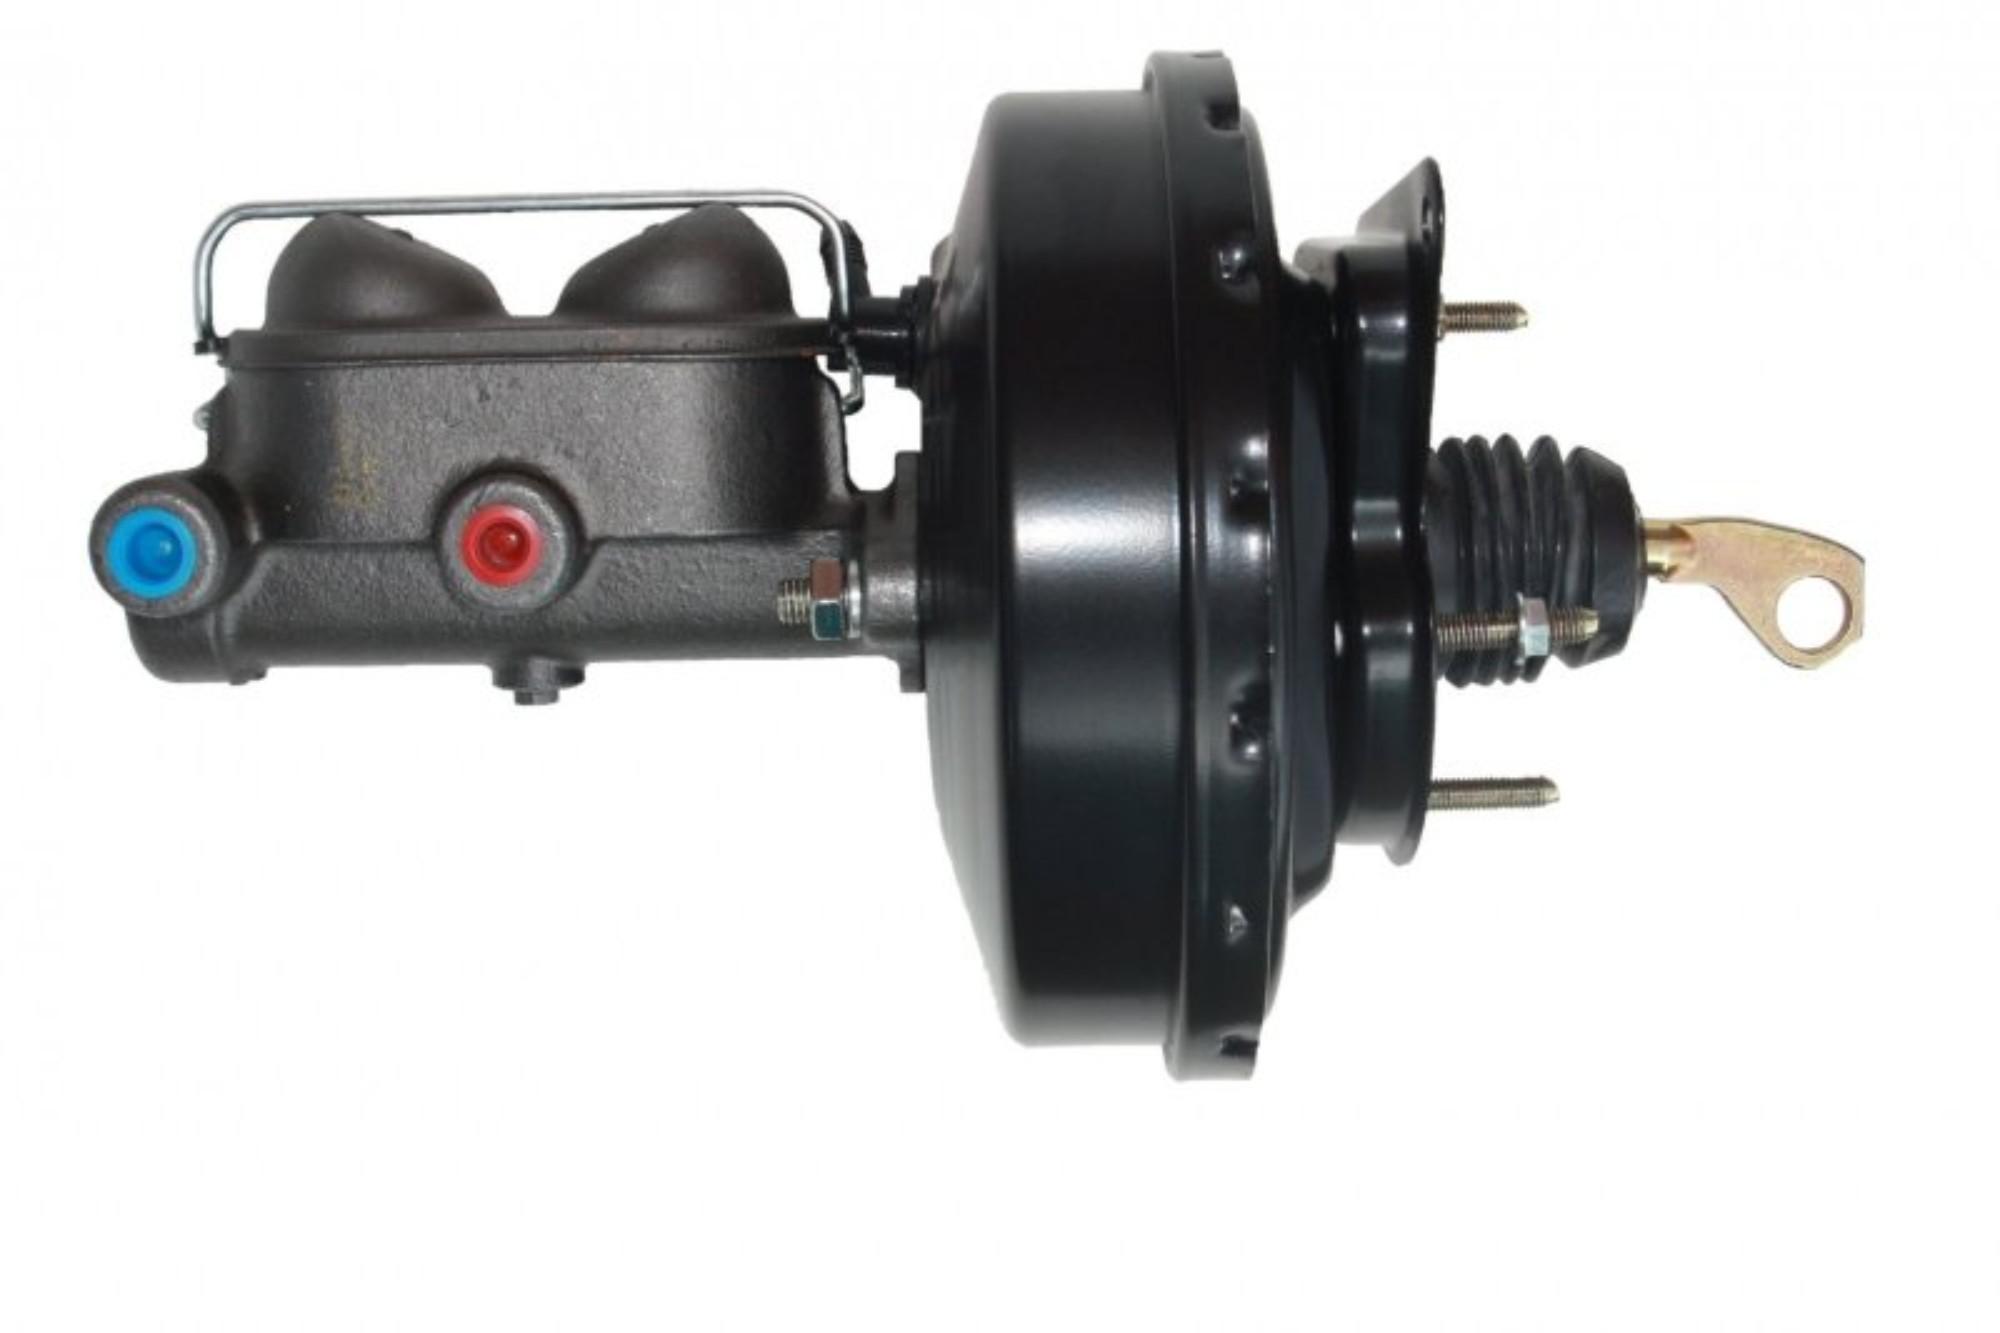 LEED Brakes 3800 9 in Power Brake Booster ,1 in bore Master drum/drum (Black)